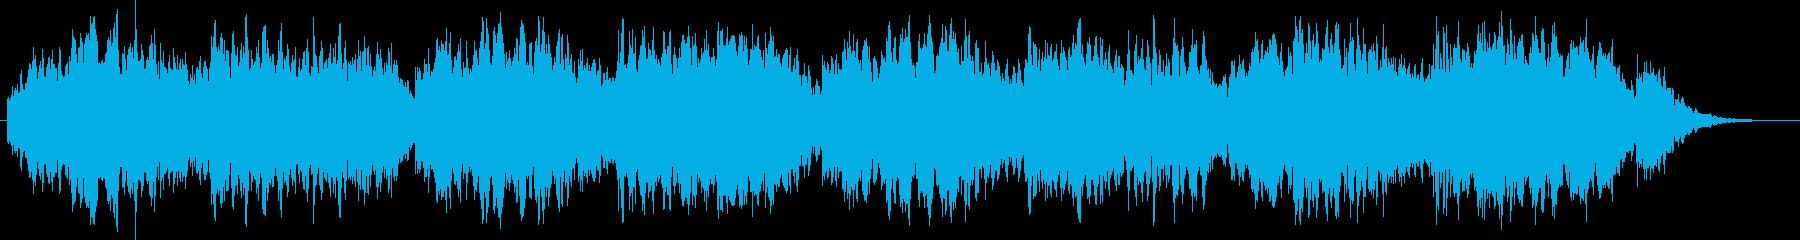 アンビエント 新世紀実験 ファンタ...の再生済みの波形